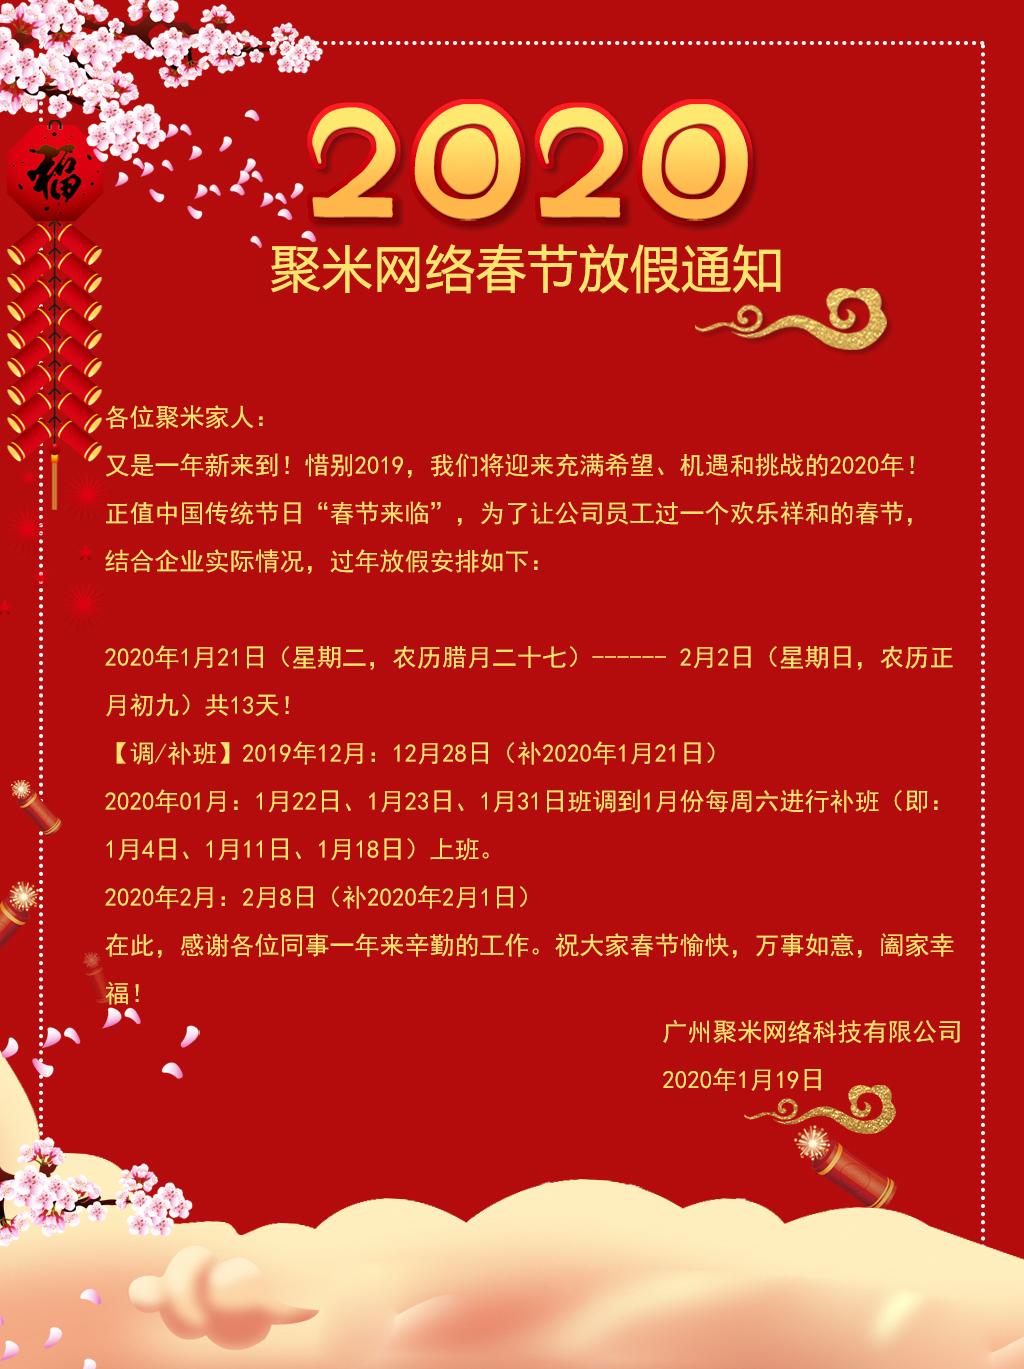 聚米网络2020年春节放假通知.jpg